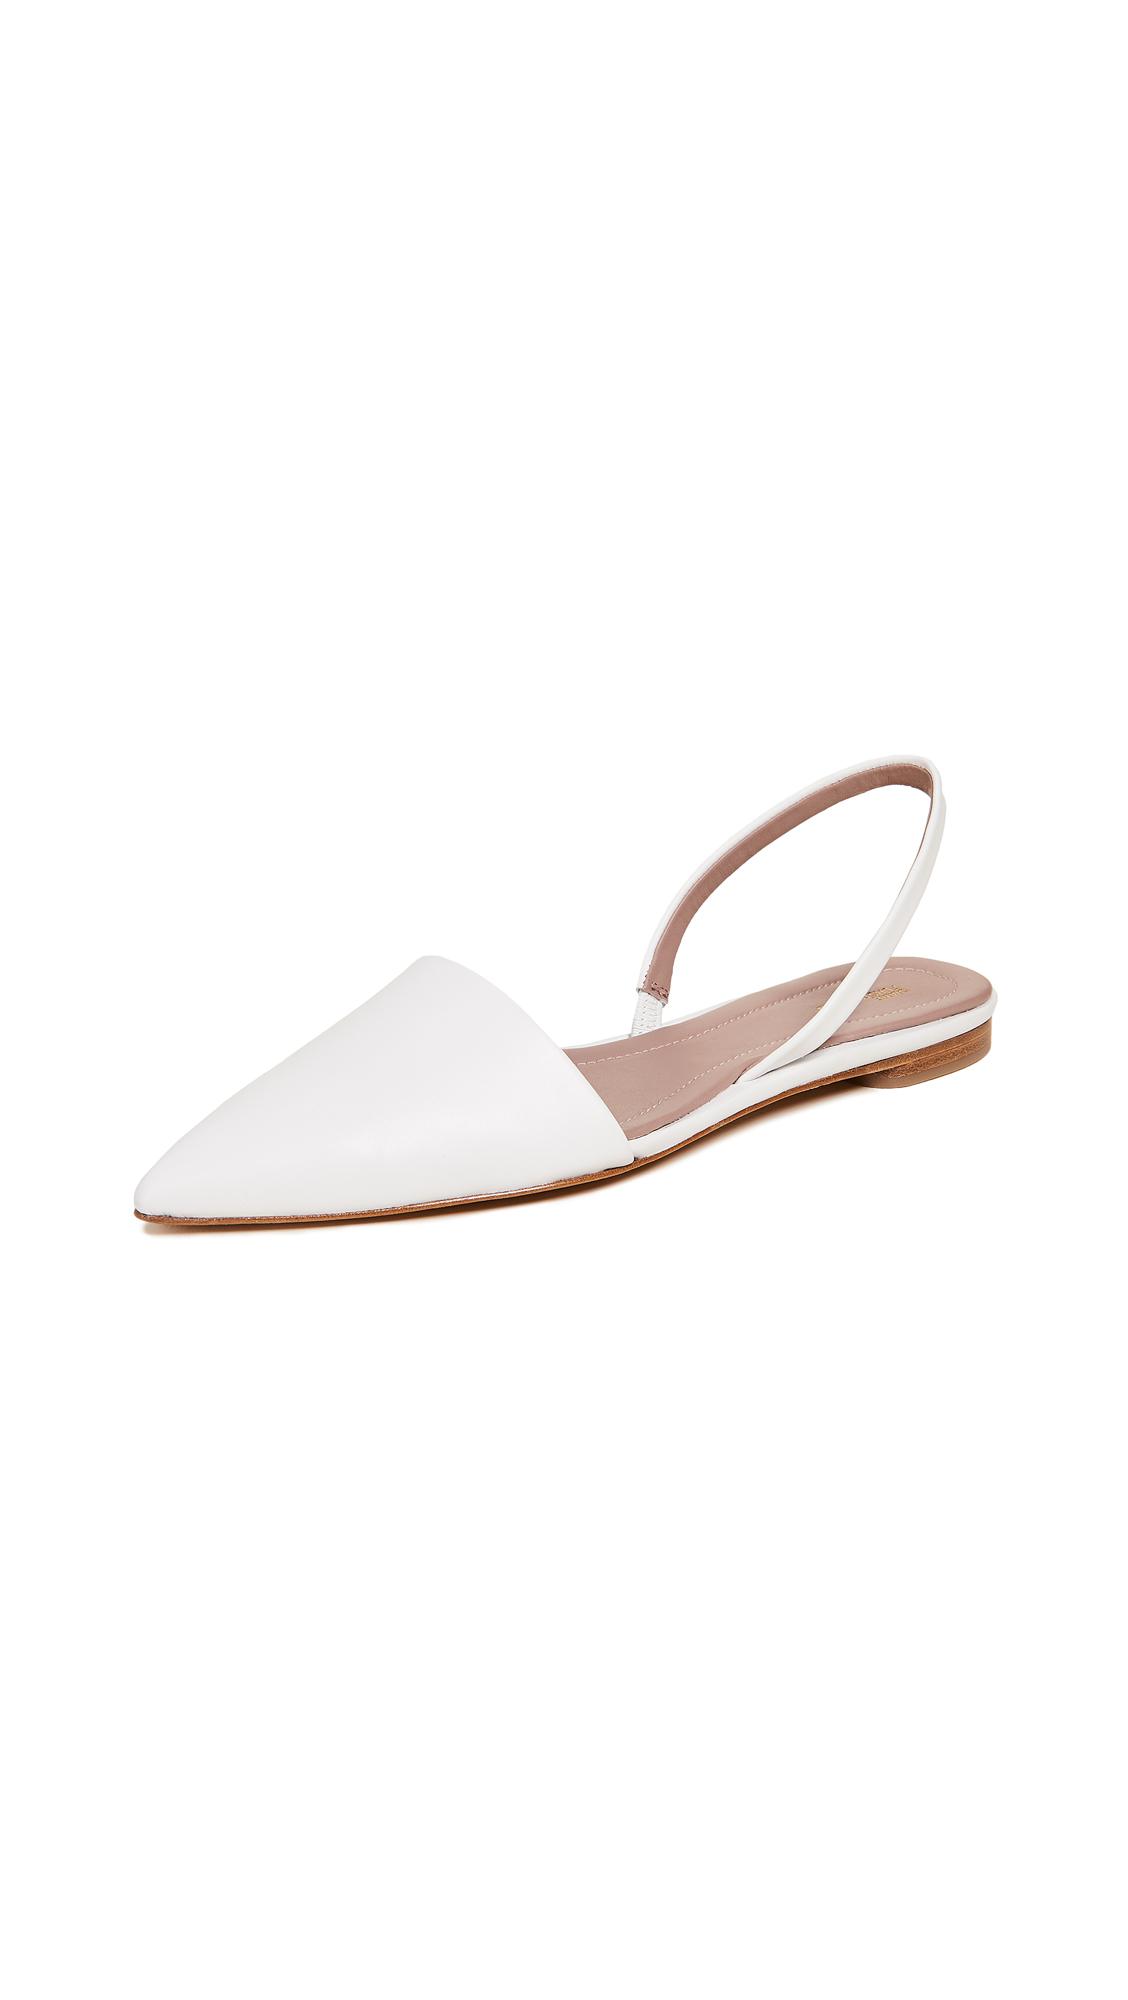 Diane von Furstenberg Koko Slingback Flats - White